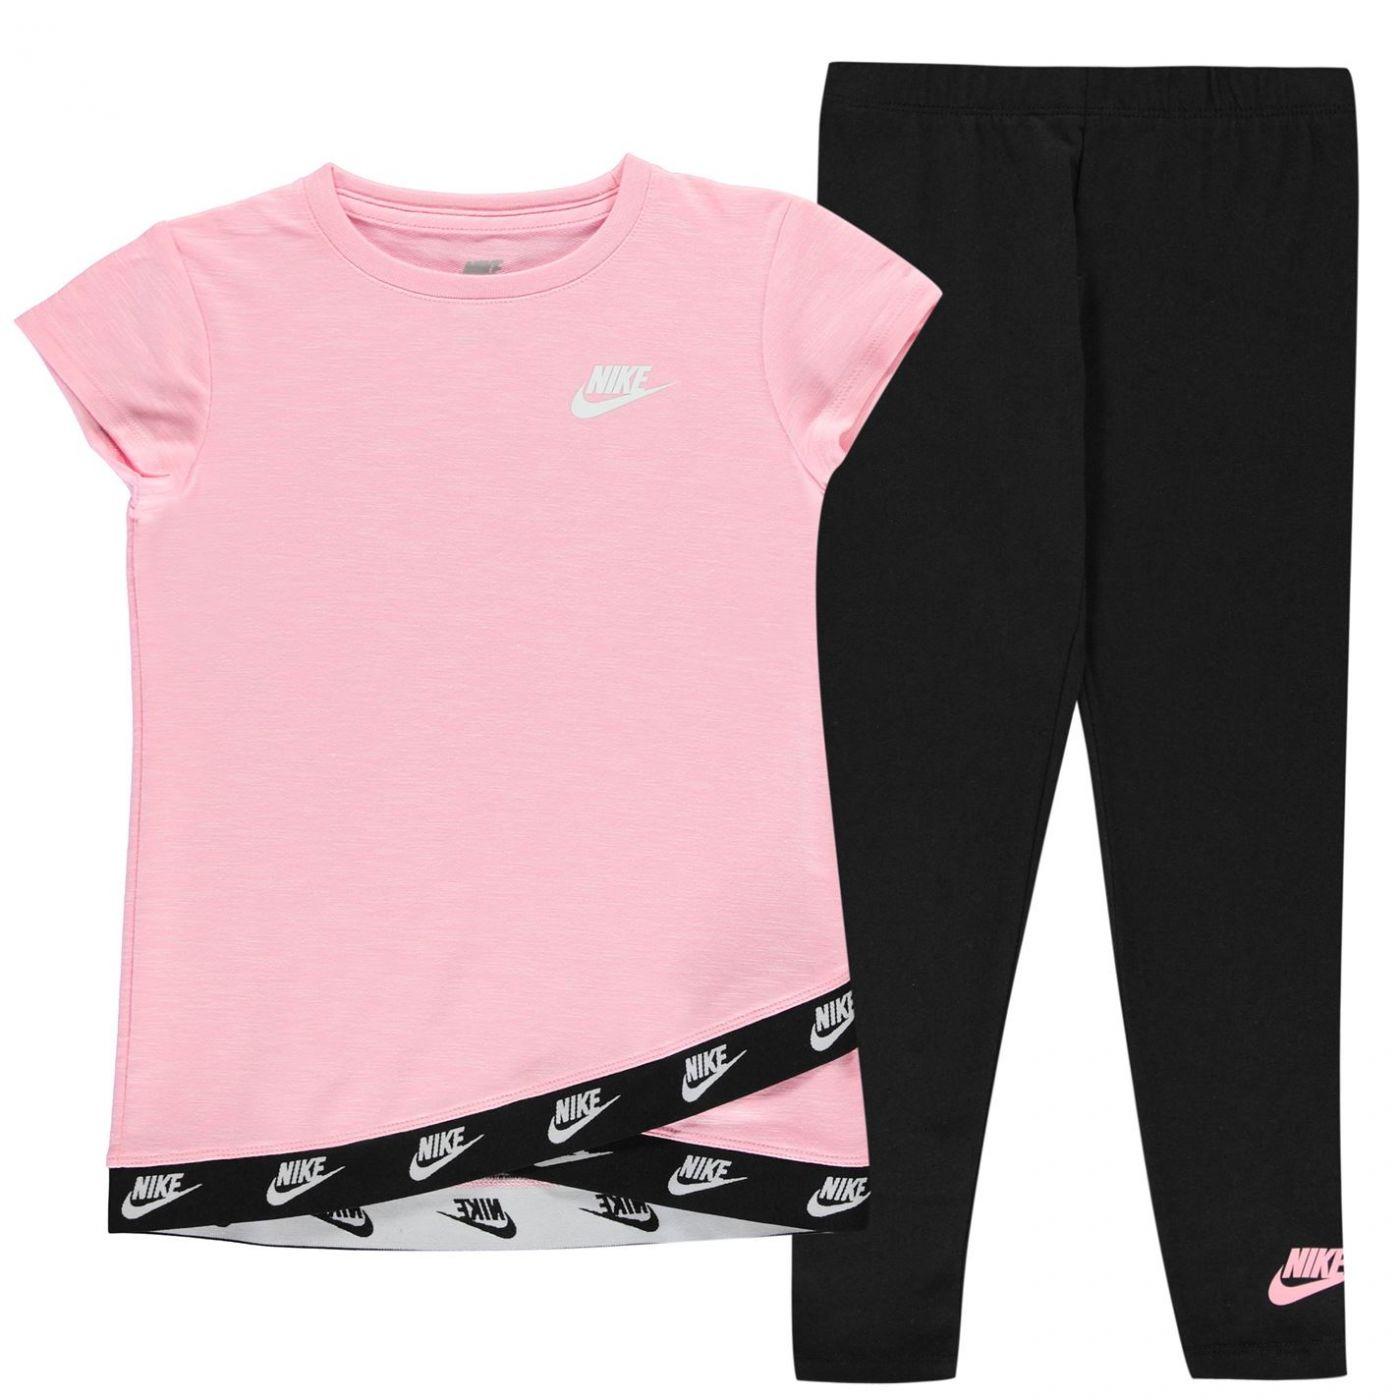 Nike Legging Set Infant Girls